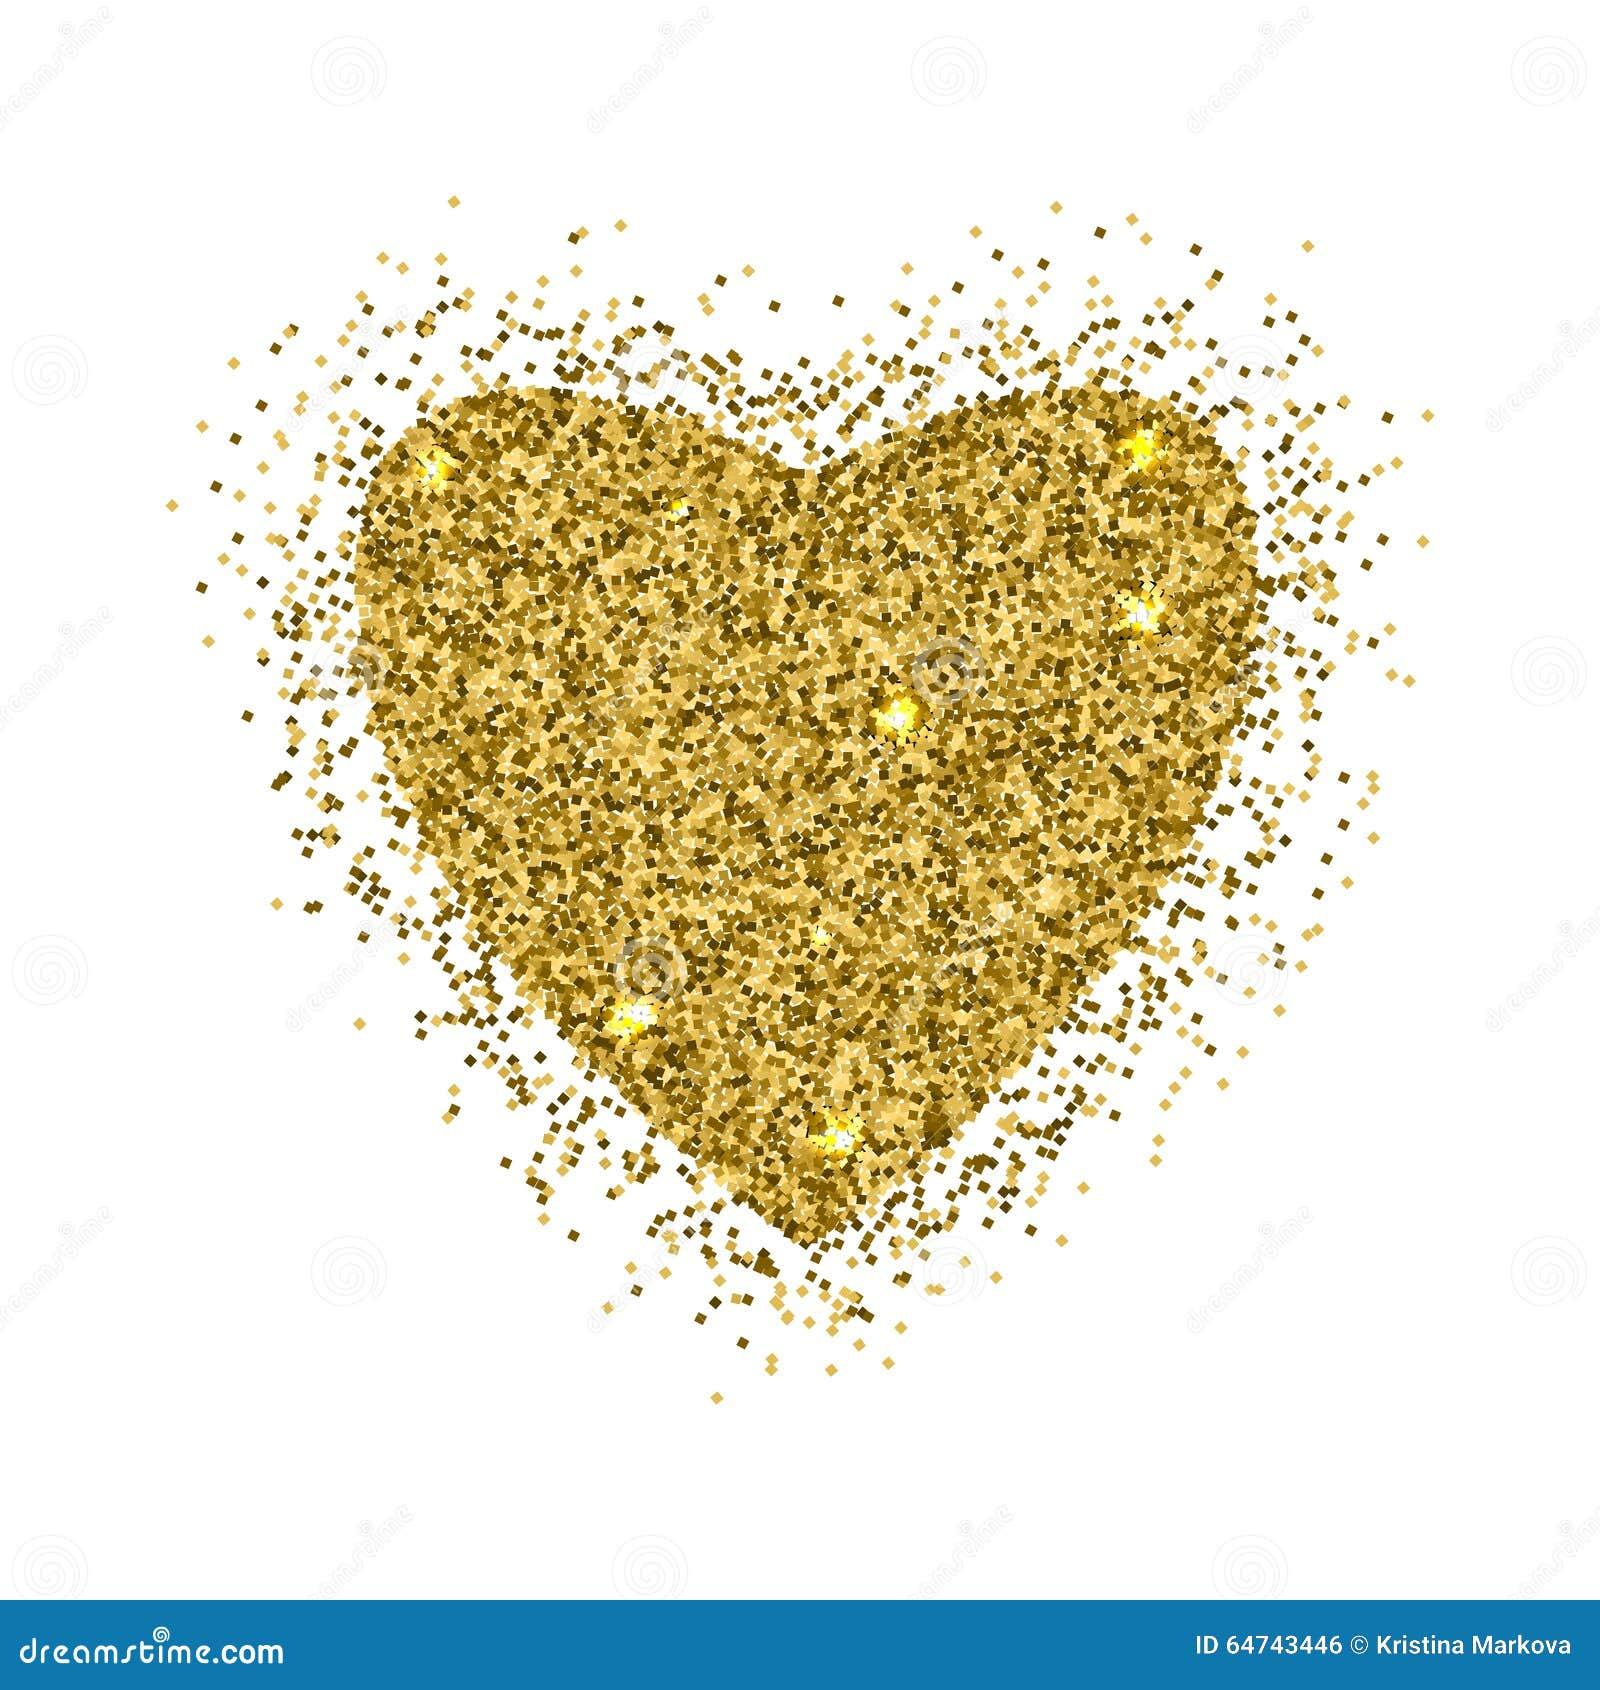 love is gold Big love 20 программы playlist не надо стесняться: модель plus-size в мини-платье «устала смотреть на ложь»: откровения экс-участницы « холостяка» стала известна дата выхода фильма «шерлок холмс 3» кирстен данст впервые стала мамой олимпийская медалистка евгения медведева ушла от.